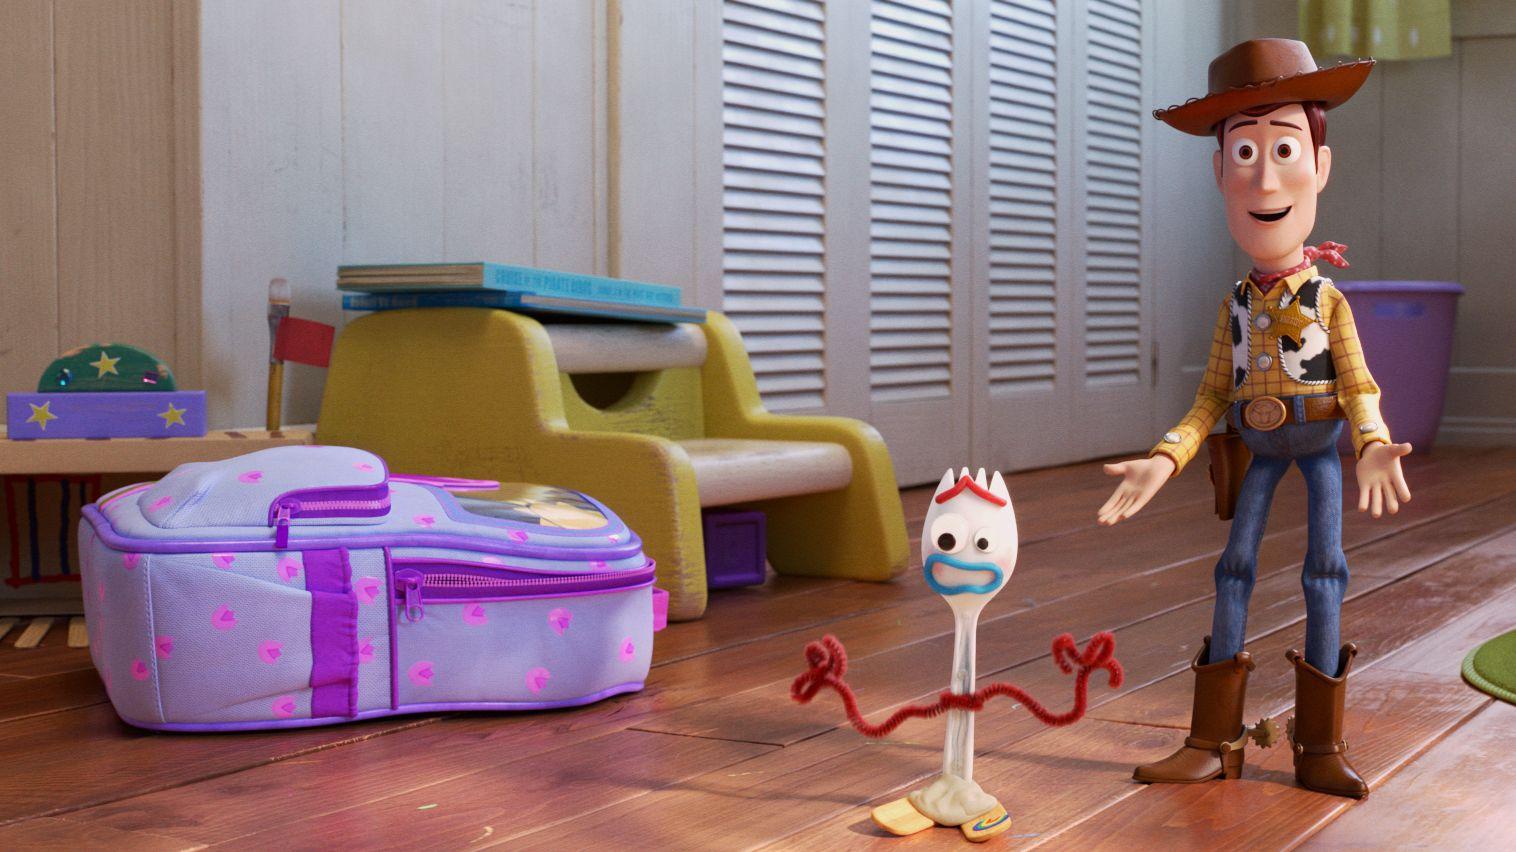 """Filmszene aus """"Toy Story 4"""": Spielzeugcowboy stellt im Kinderzimmer ein Spielzeug aus einer Plastikgabel vor"""